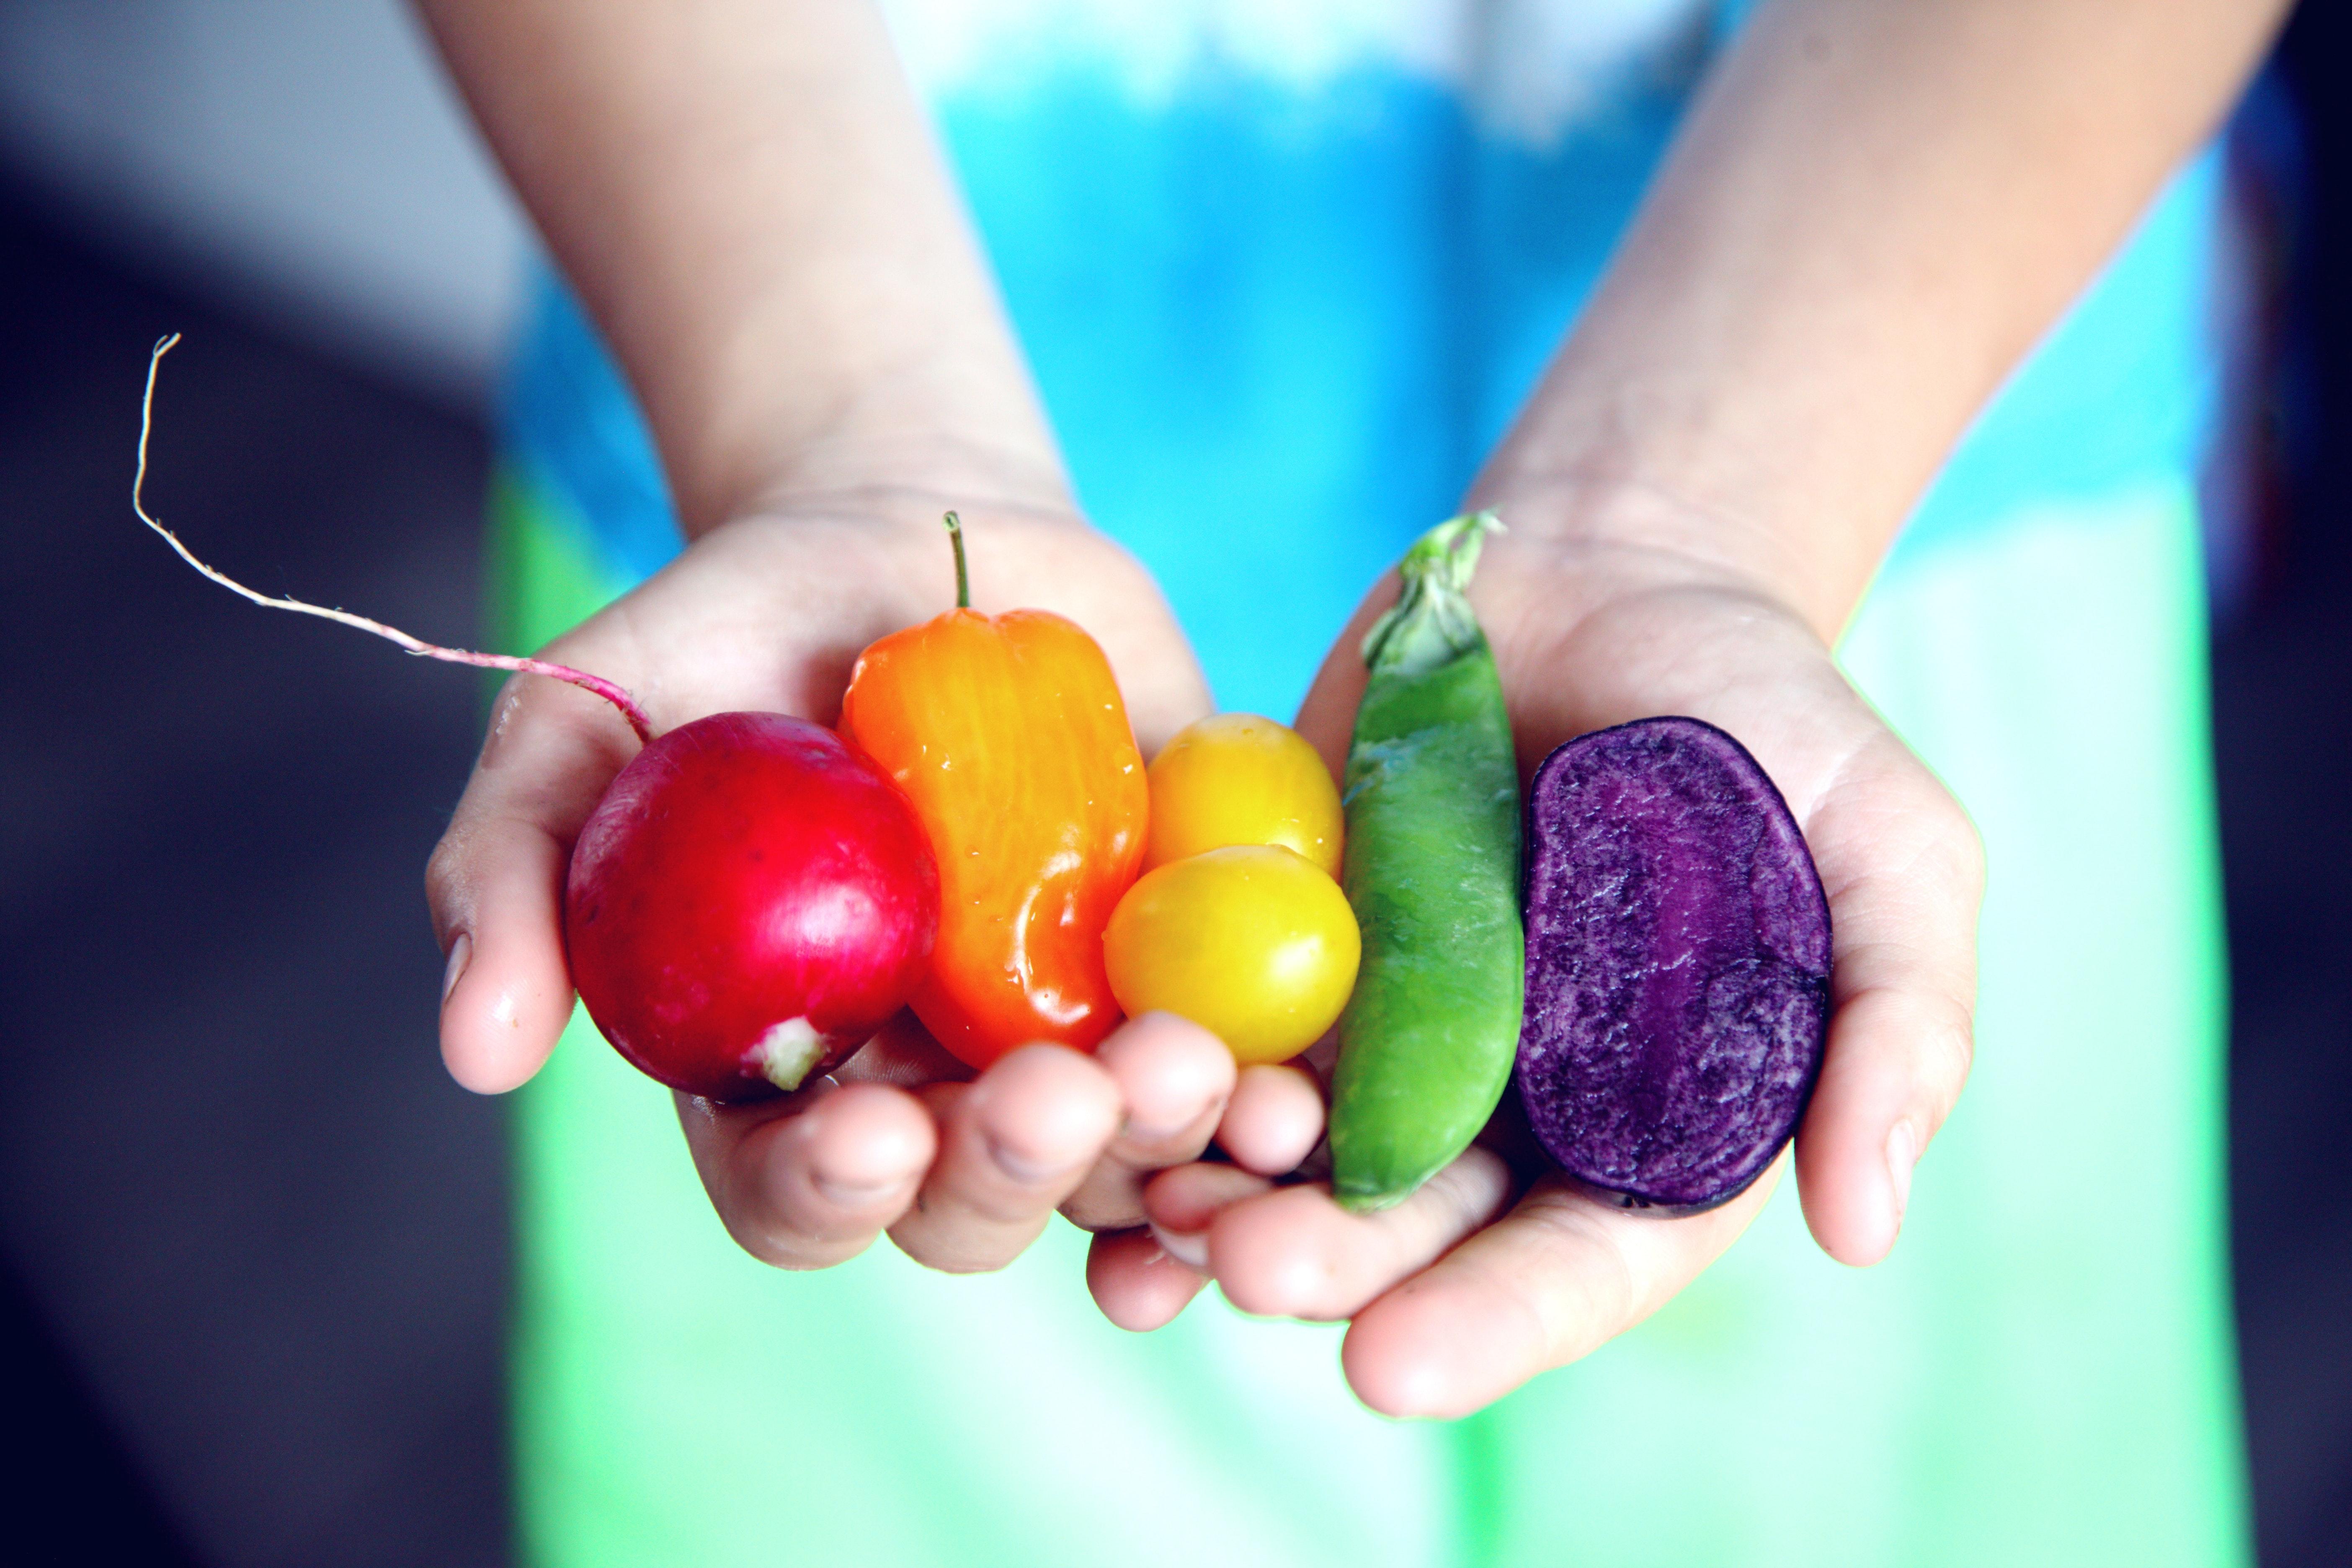 tilt-shift-lens-photography-of-five-assorted-vegetables-1196516